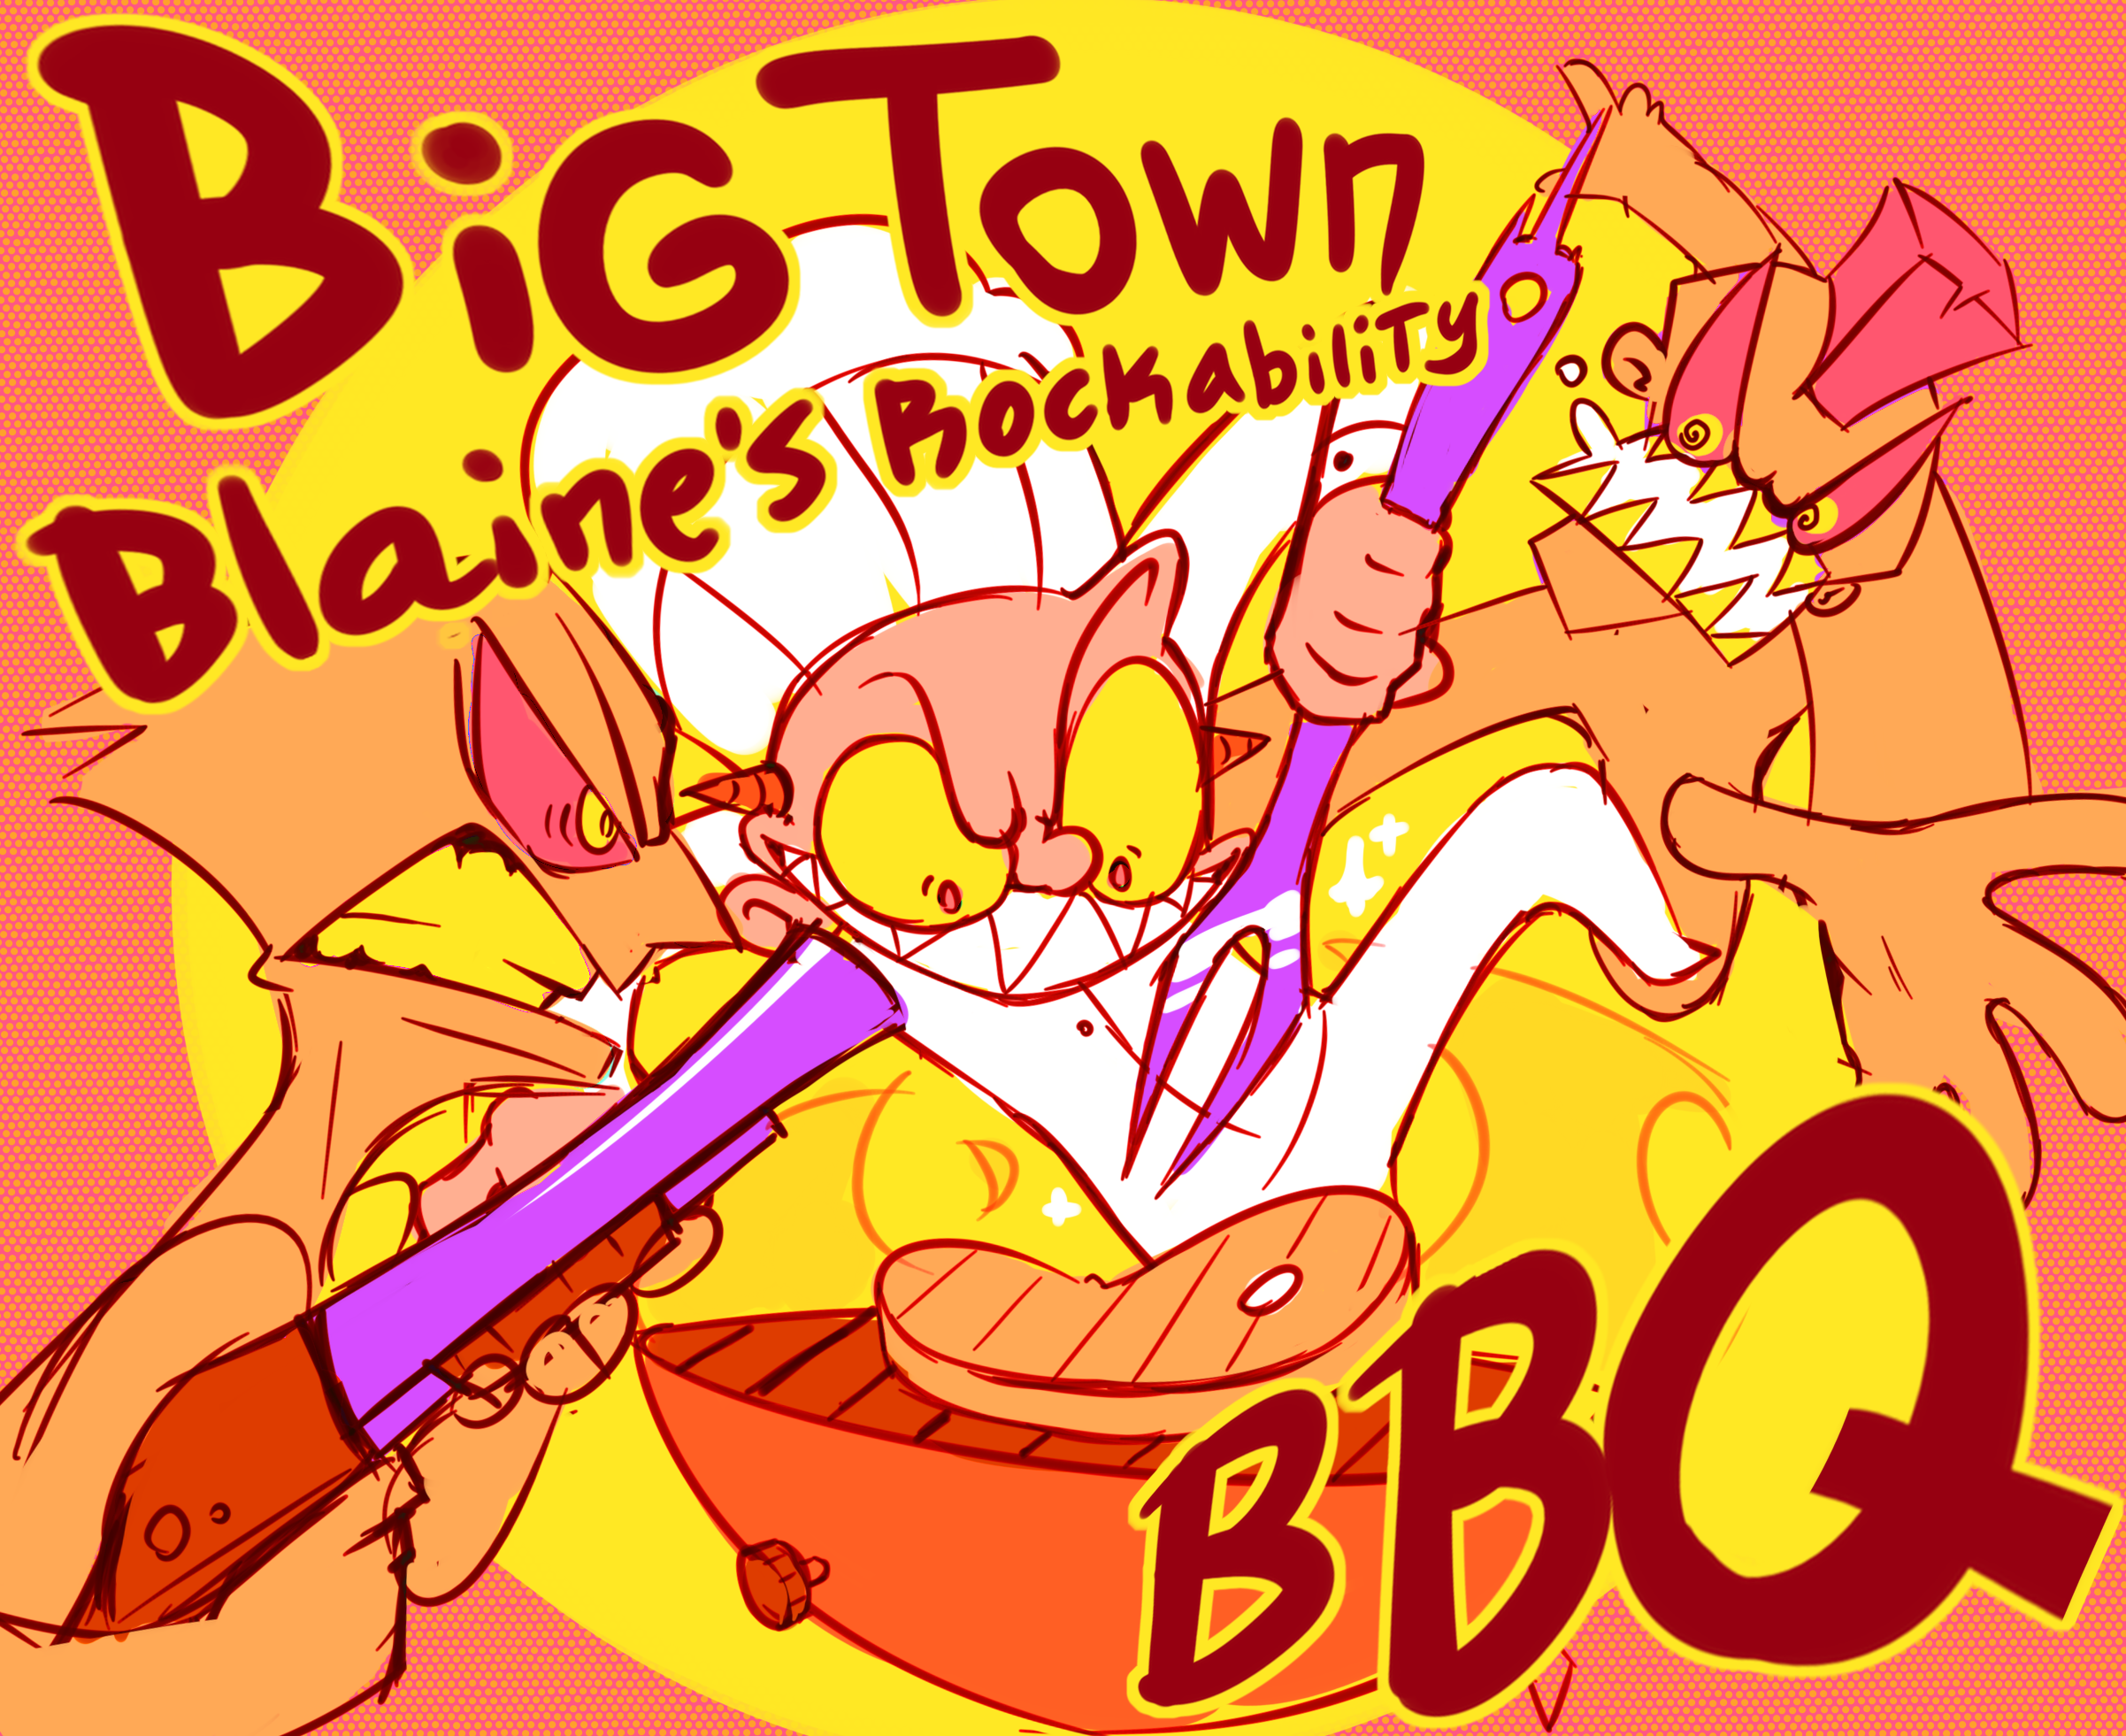 Big Town Banky Blaine's Rockabilly BBQ